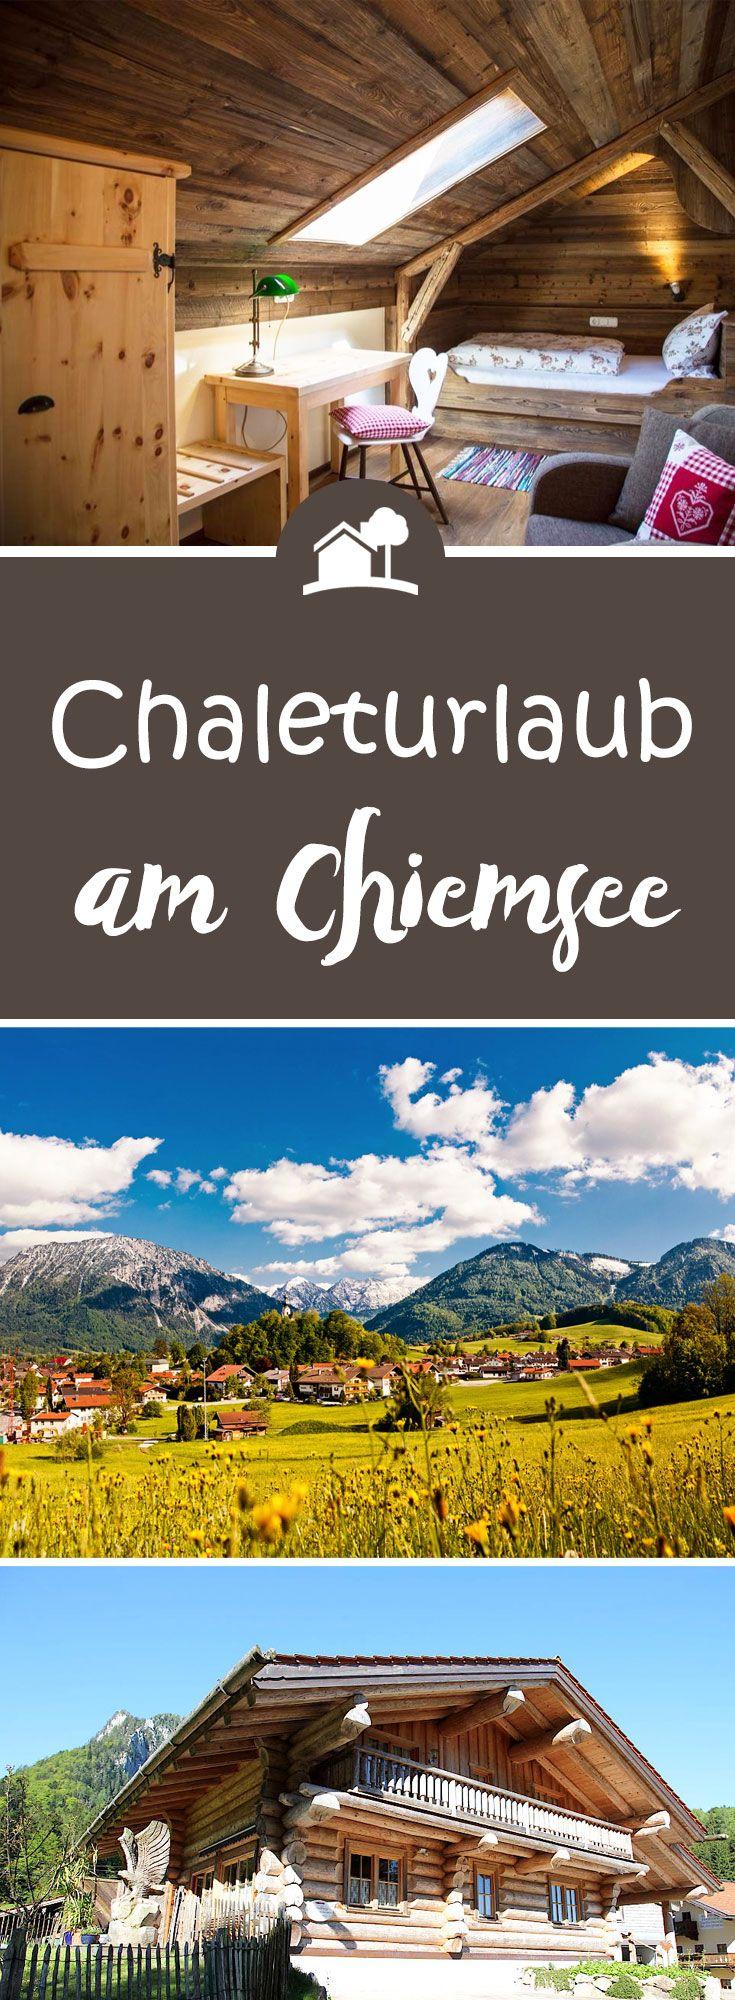 Herzlich willkommen auf dem Waicher Hof im Chiemgau, nahe dem Chiemsee. Romantisch in einem idyllischen Seitental von Ruhpolding gelegen!